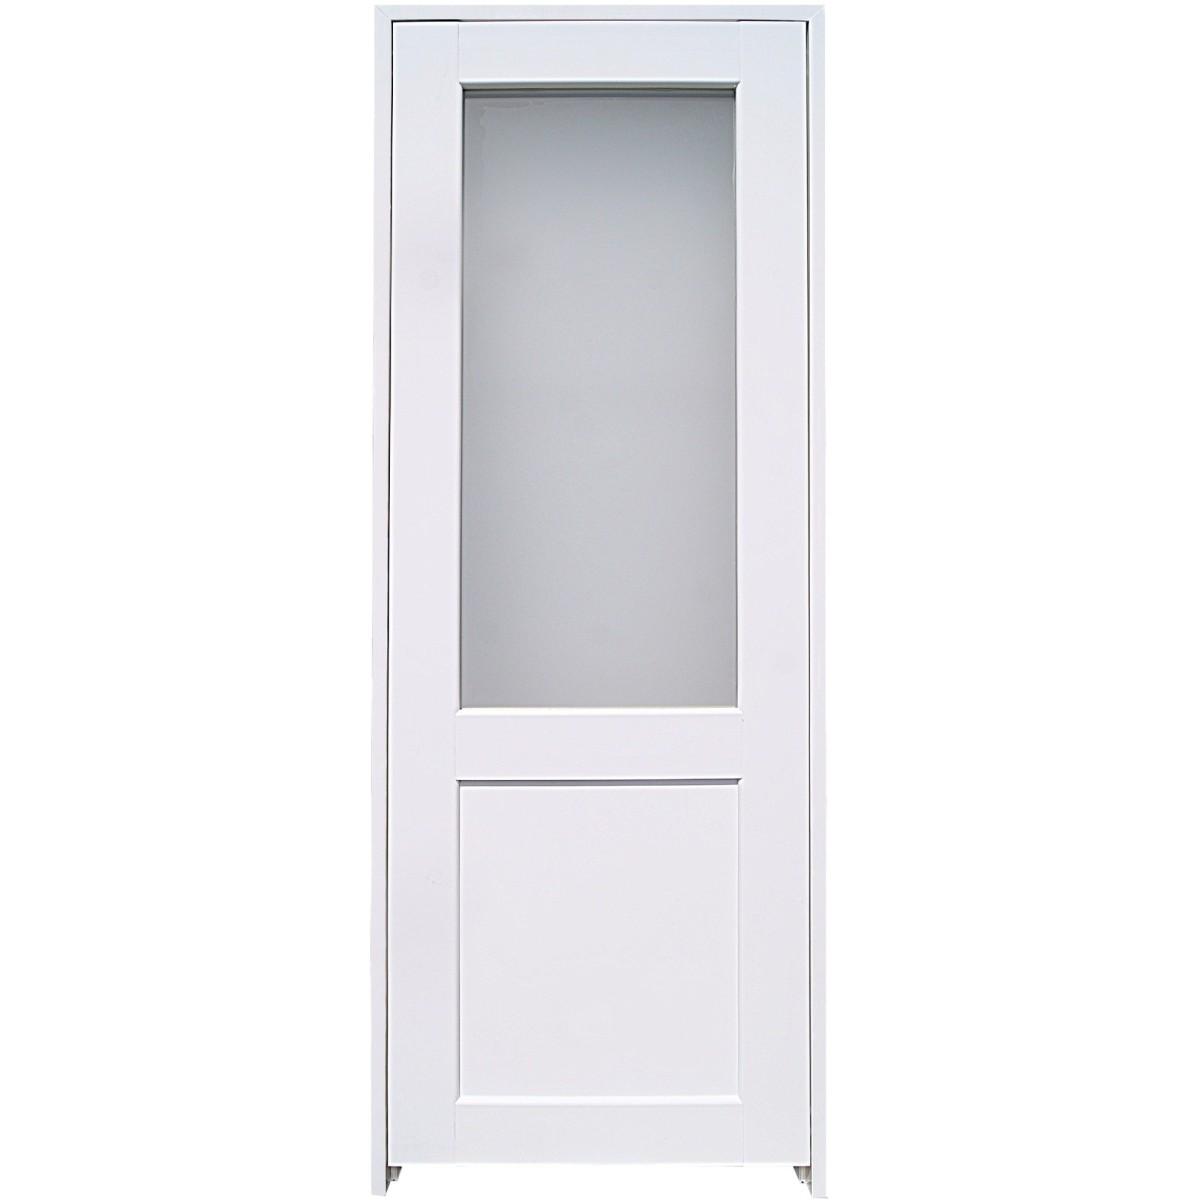 Блок дверной остеклённый с замком и петлями в комплекте Акваплюс 70x200 см ПВХ